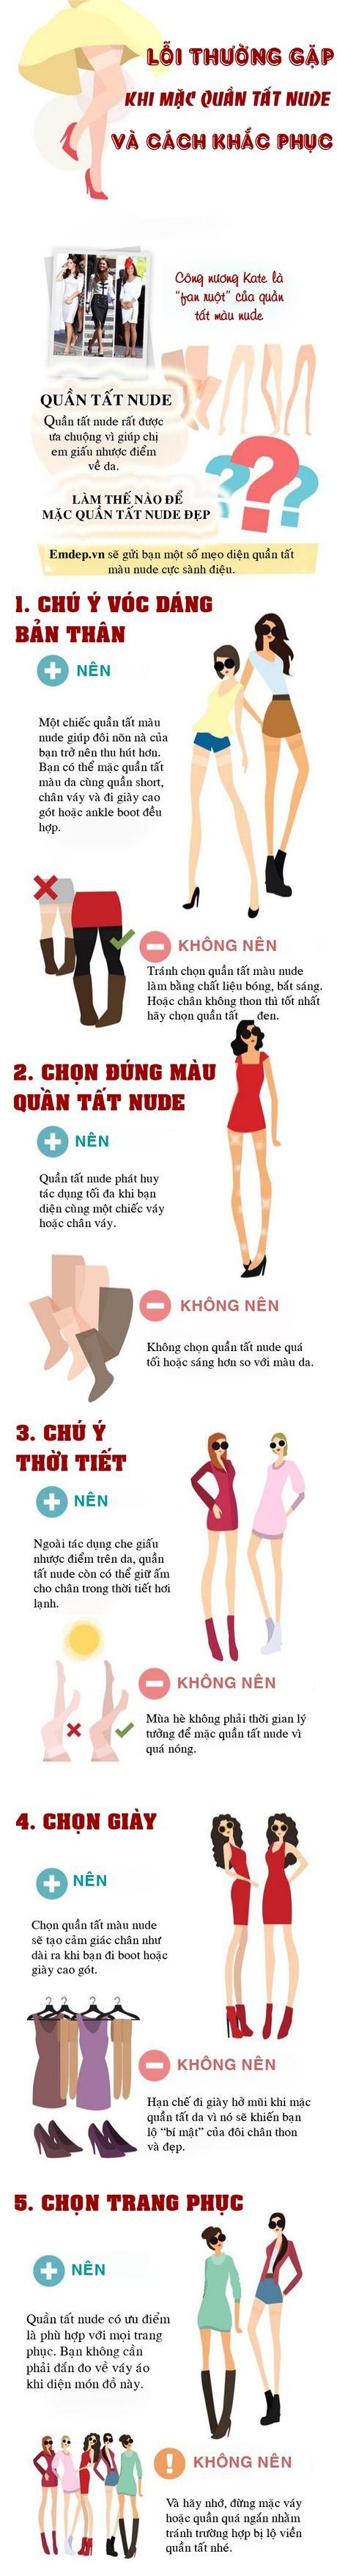 Cach khac phuc cac loi thuong gap khi dien quan tat nude - Anh 1